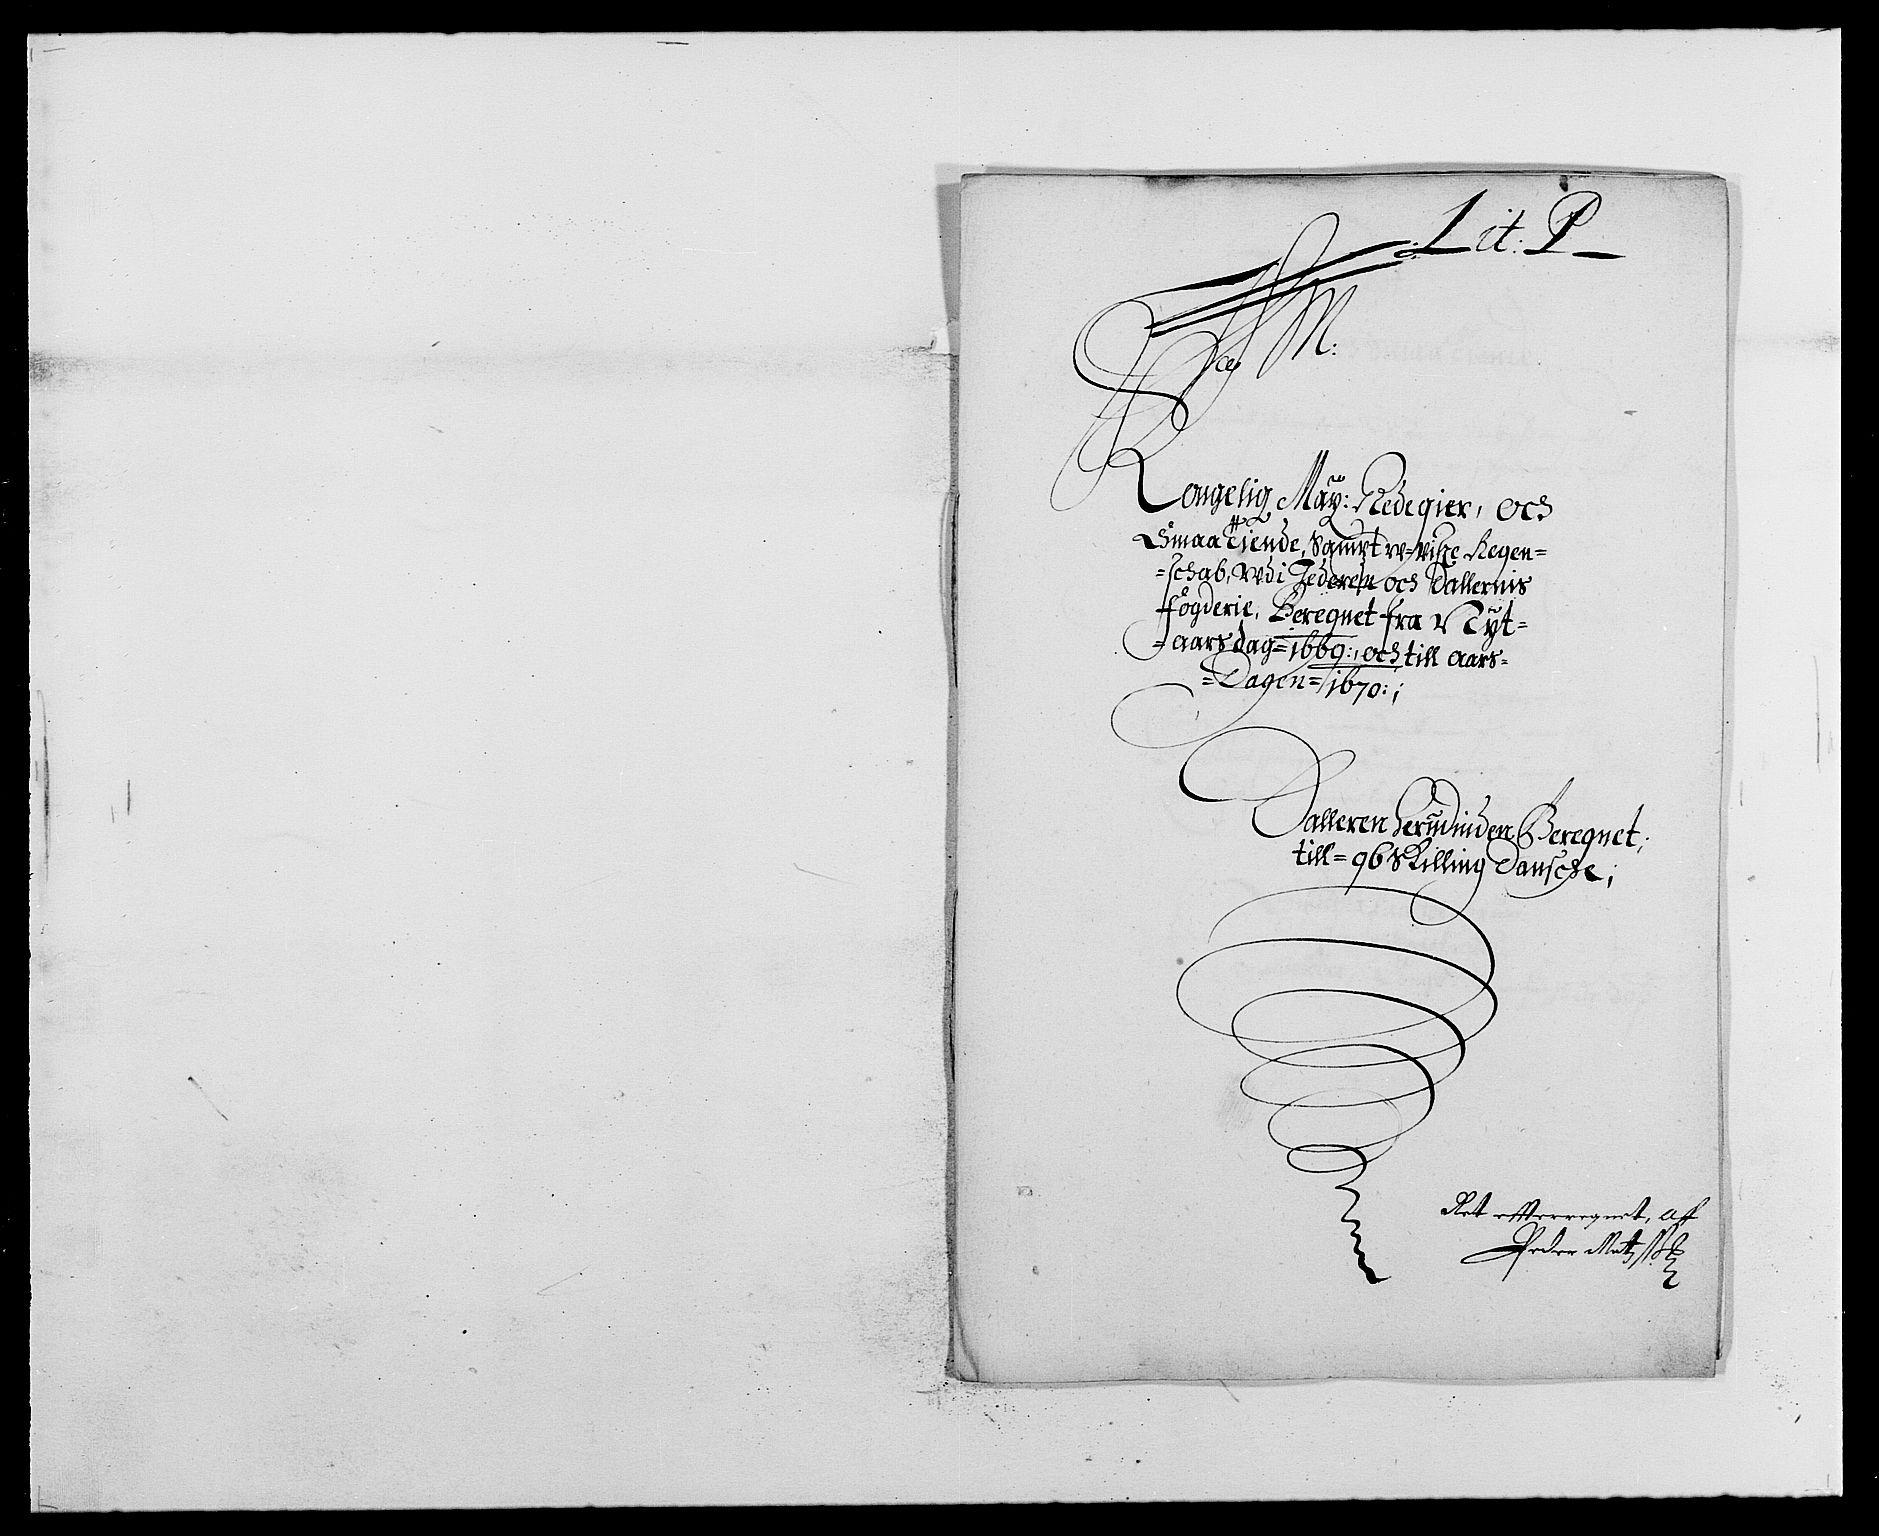 RA, Rentekammeret inntil 1814, Reviderte regnskaper, Fogderegnskap, R46/L2711: Fogderegnskap Jæren og Dalane, 1668-1670, s. 353